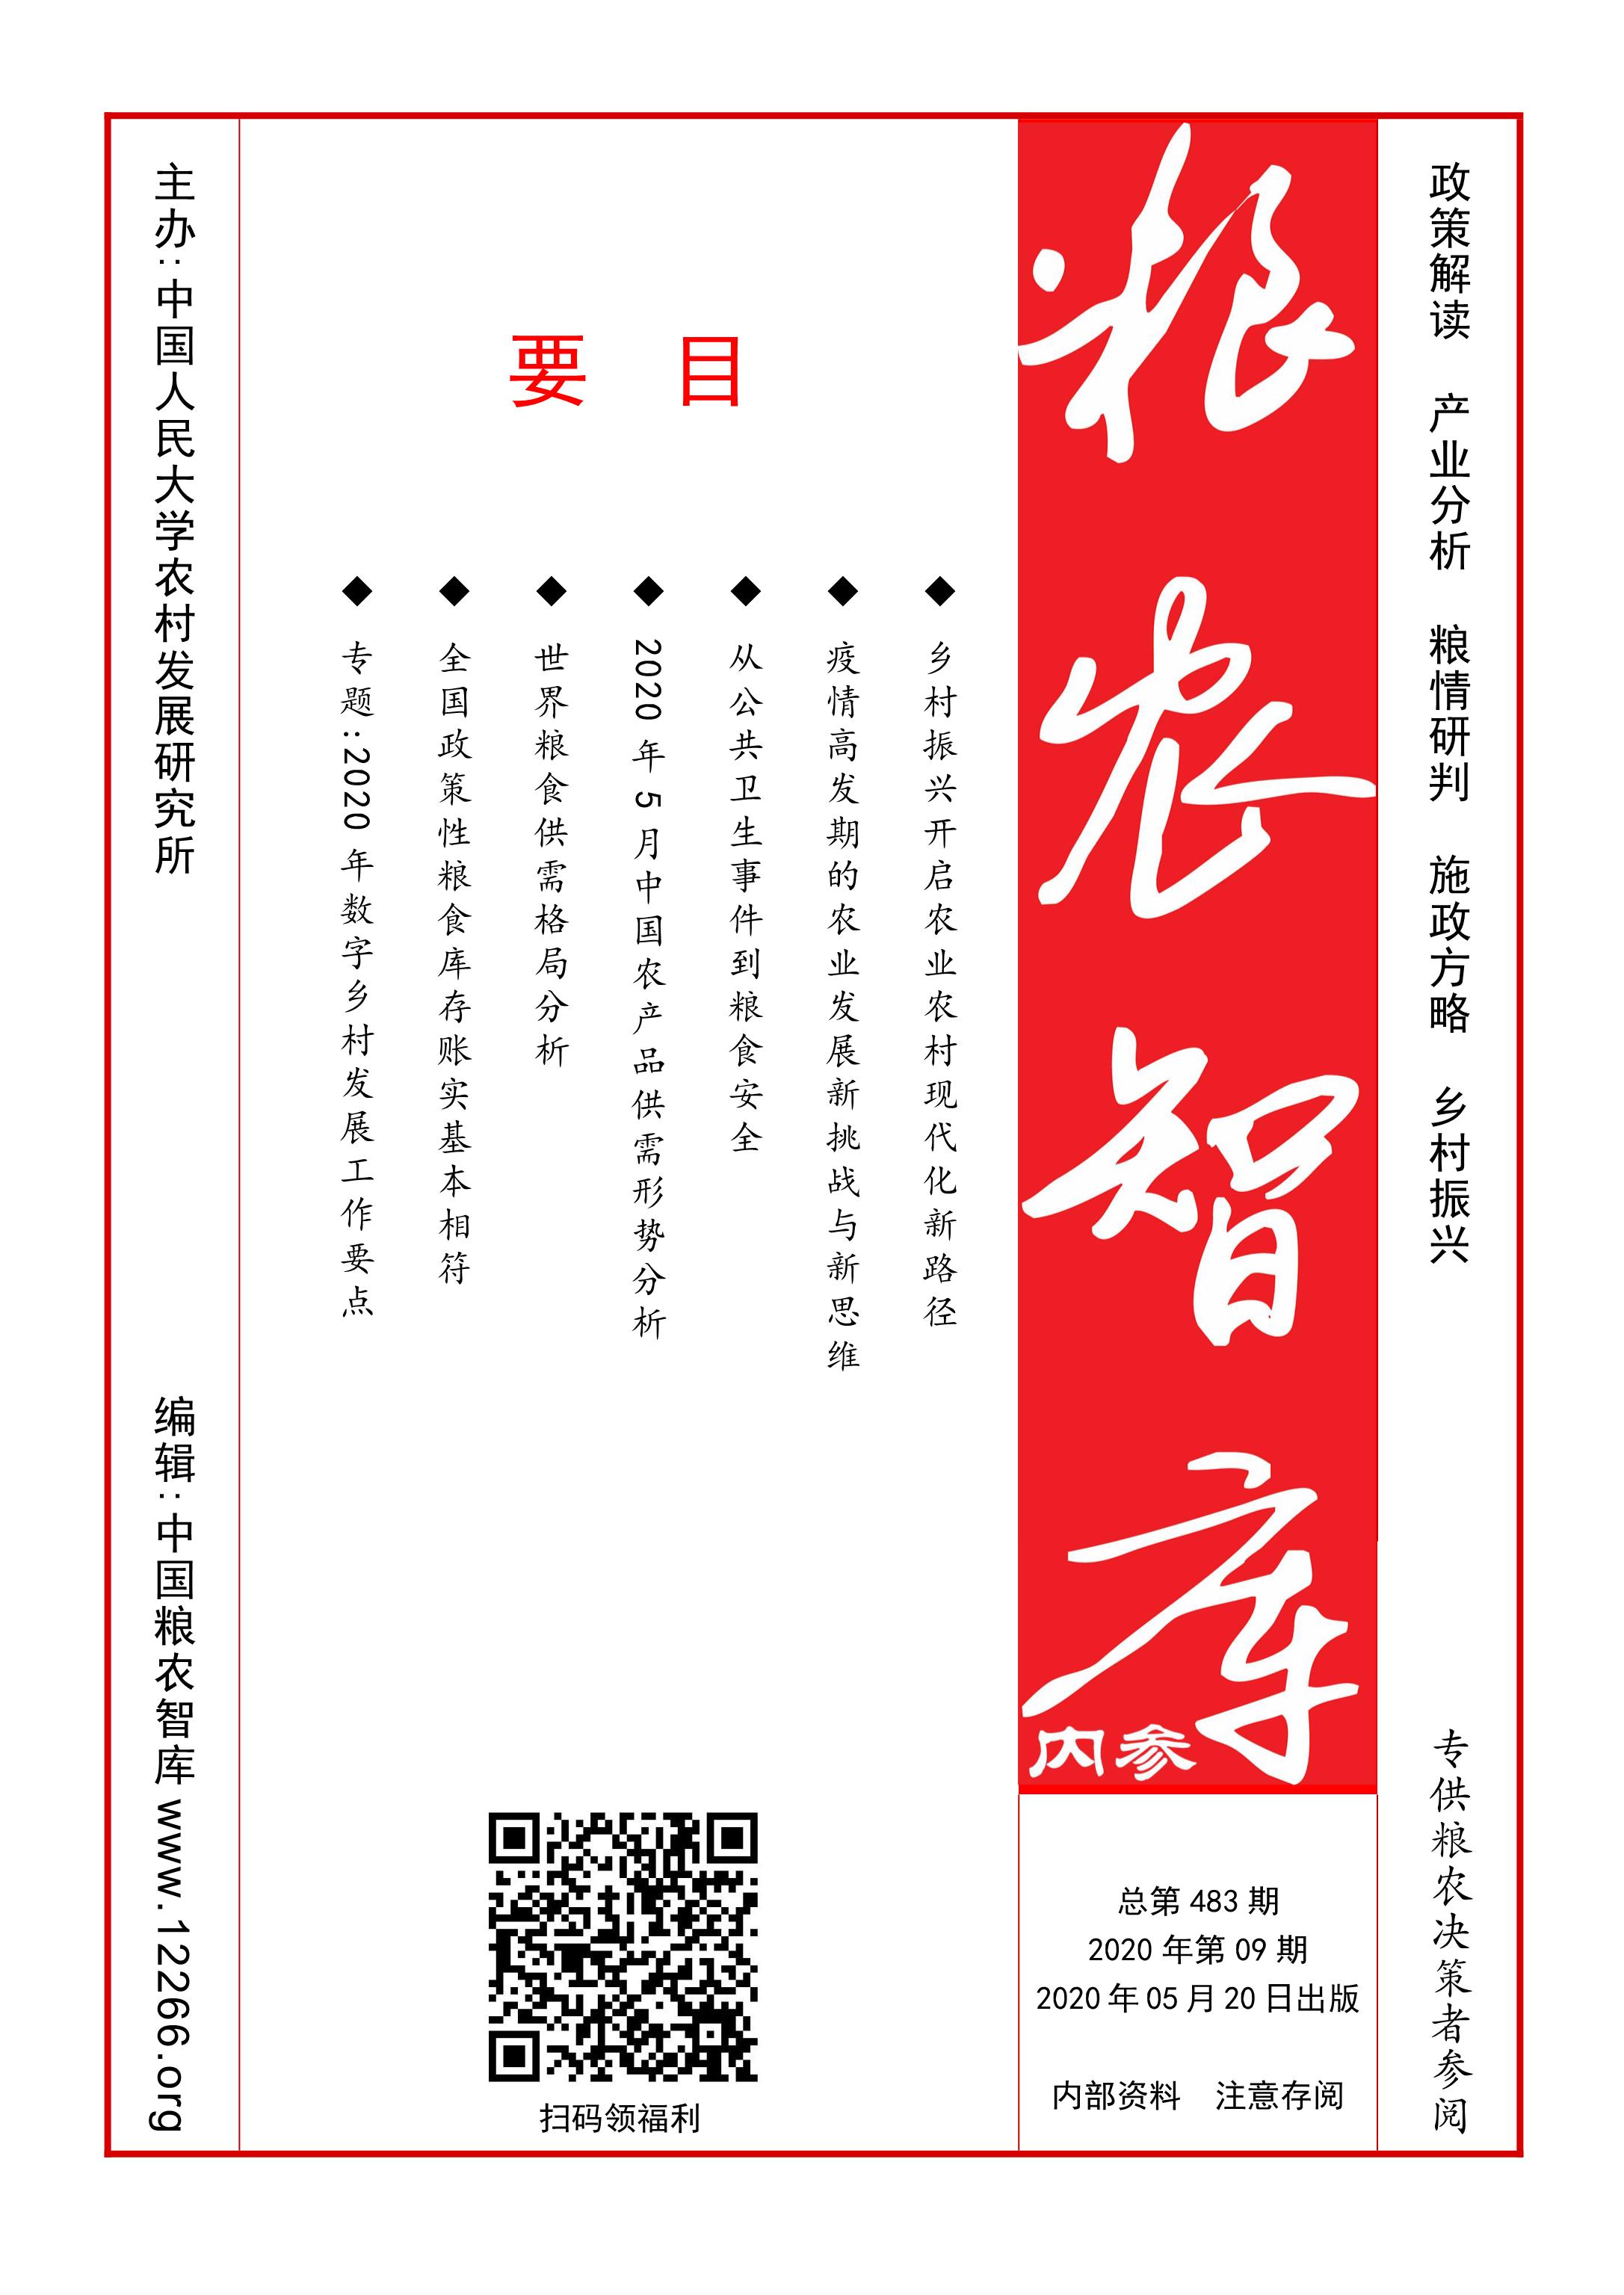 粮农智库2009.png